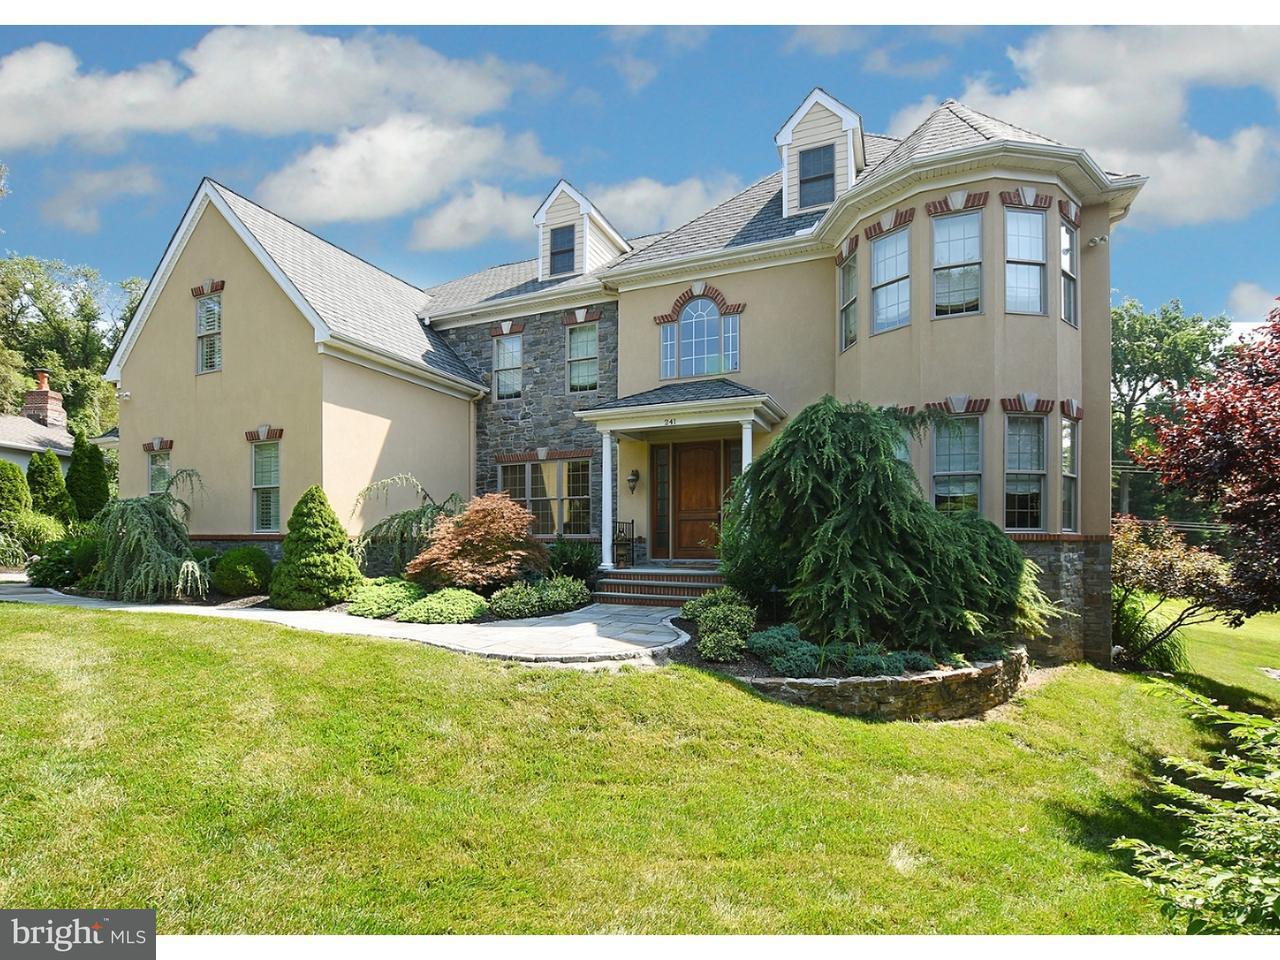 Частный односемейный дом для того Продажа на 241 STACEY Road Penn Valley, Пенсильвания 19072 Соединенные Штаты